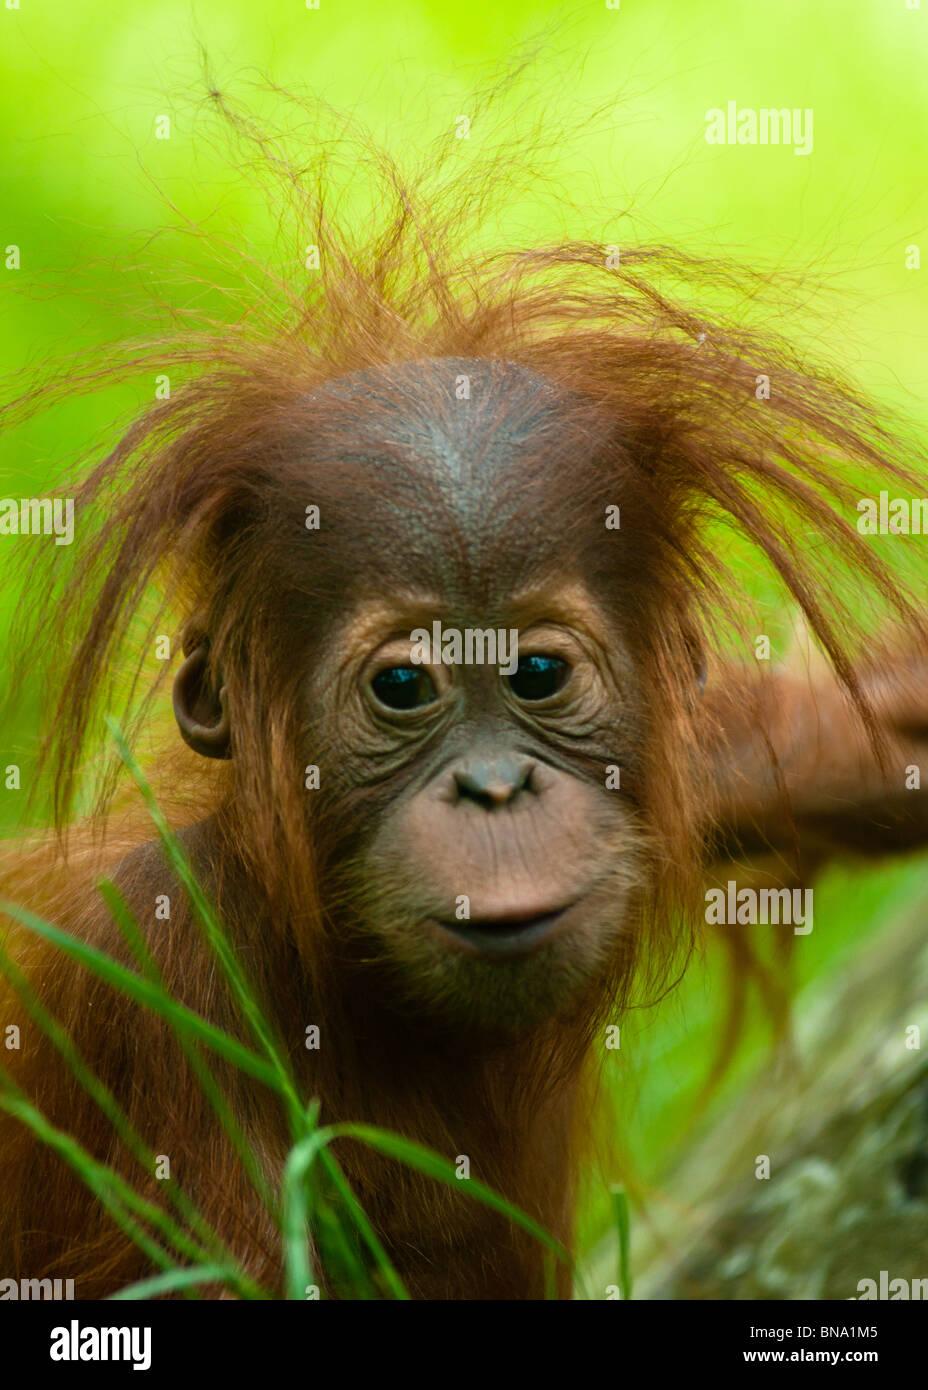 Baby Orangutan (Pongo pygmaeus) fino in prossimità. Immagini Stock